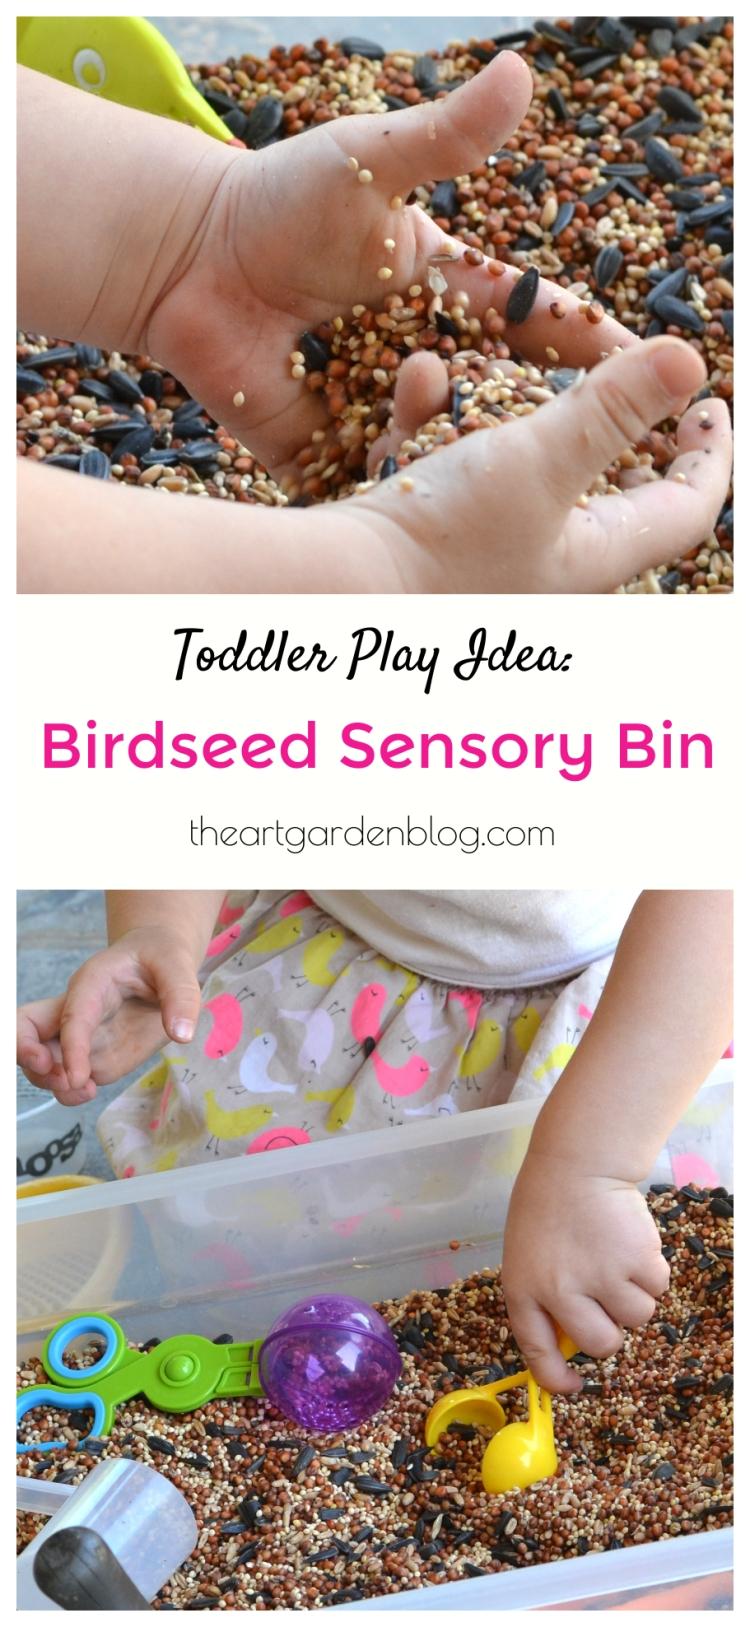 birdseedsensorybin